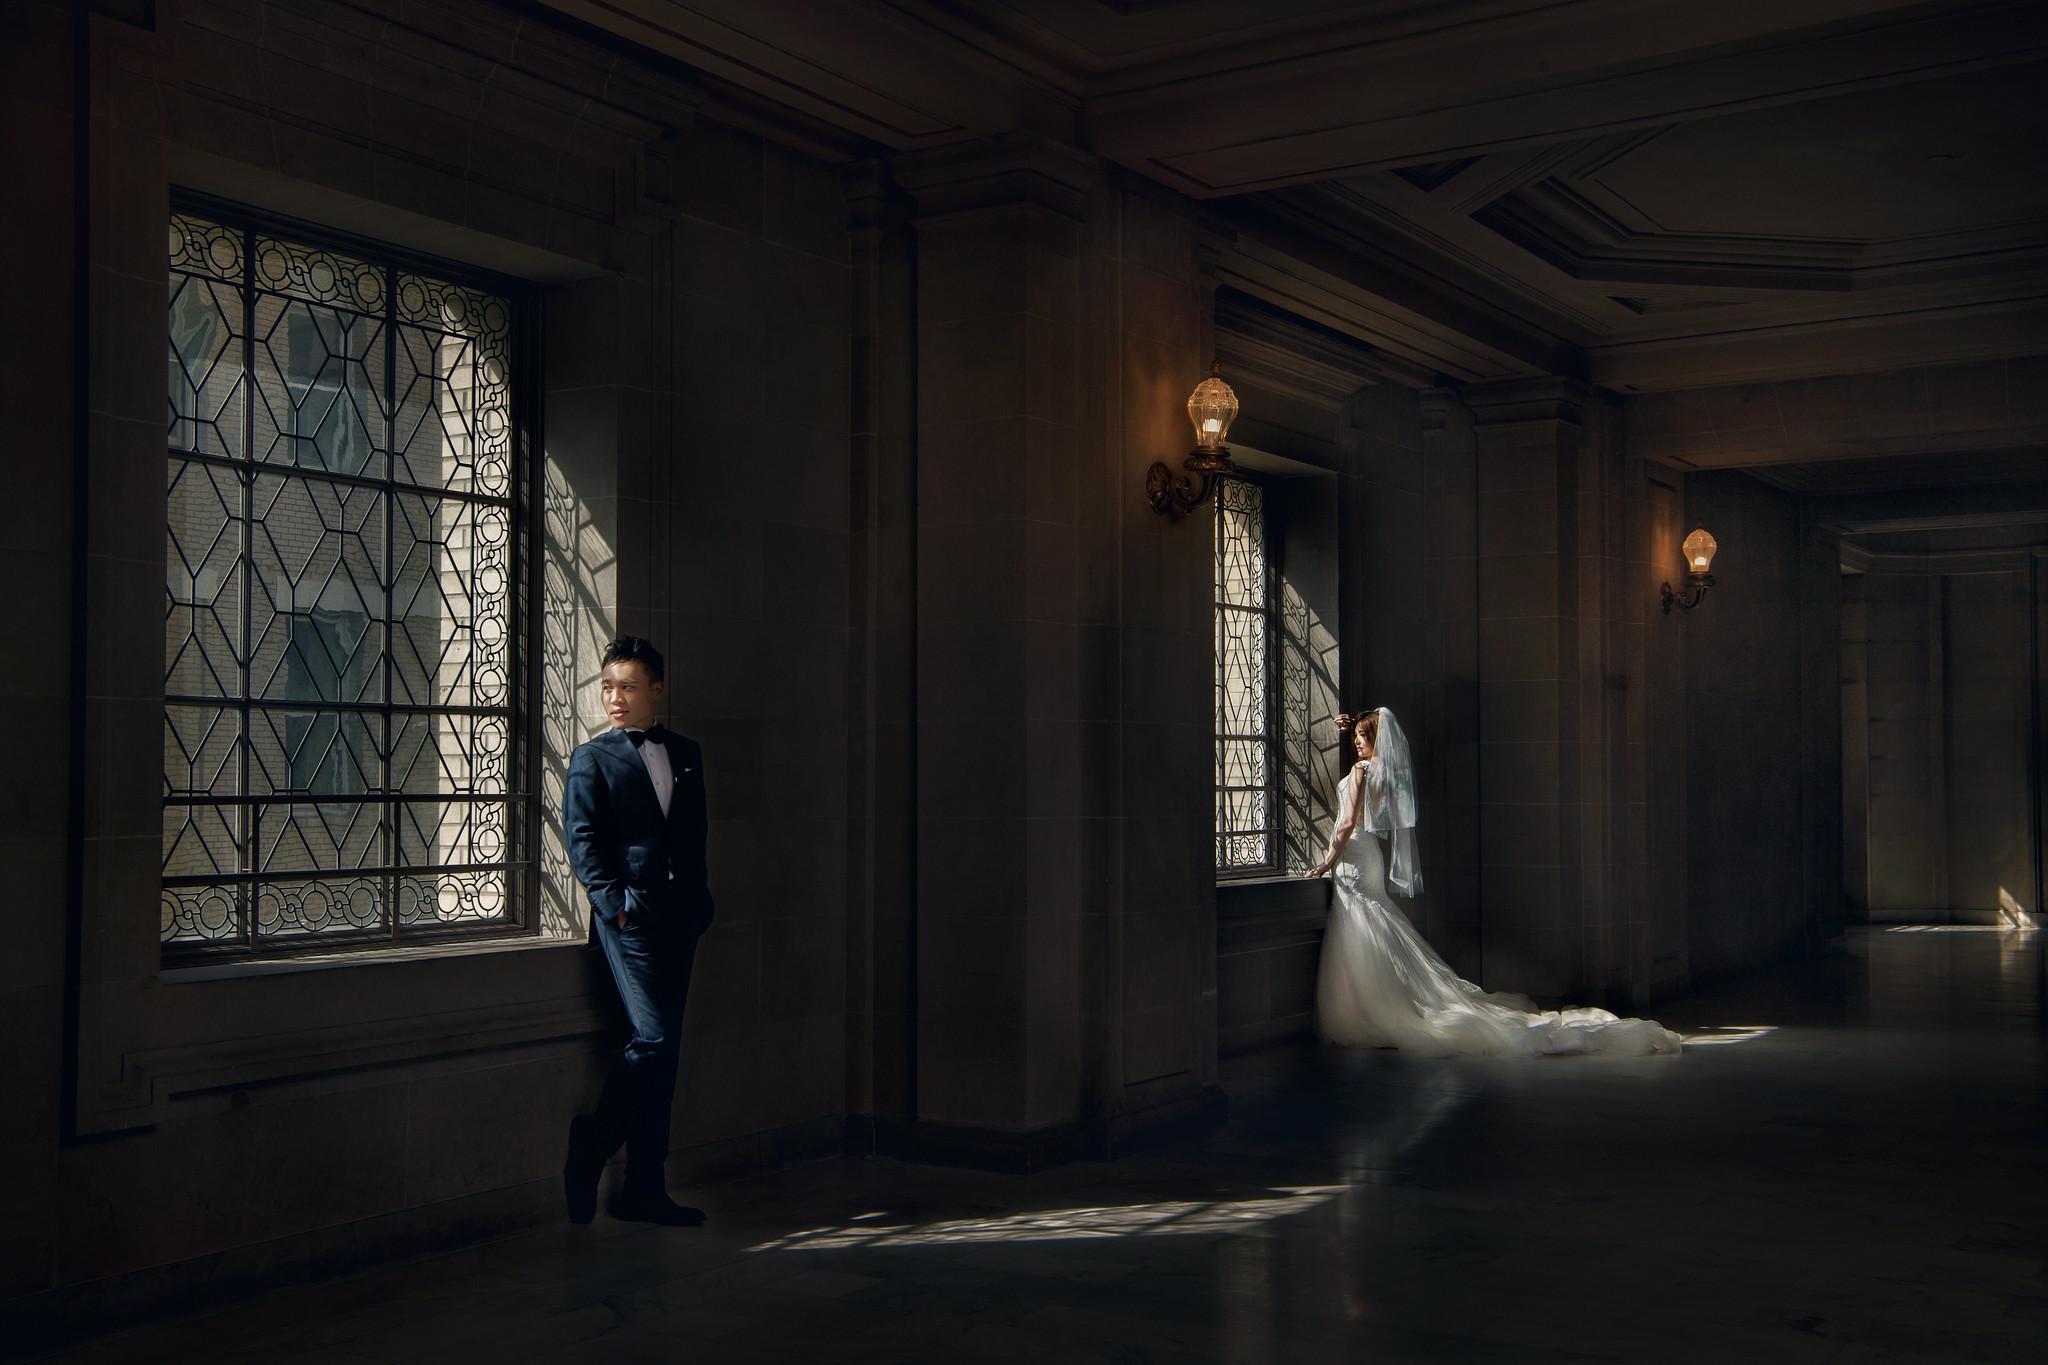 婚攝東法, 海外婚紗, 旅行婚紗, Donfer, Donfer Photography, 藝術婚紗, 婚紗影像, 舊金山婚紗, San Francisco